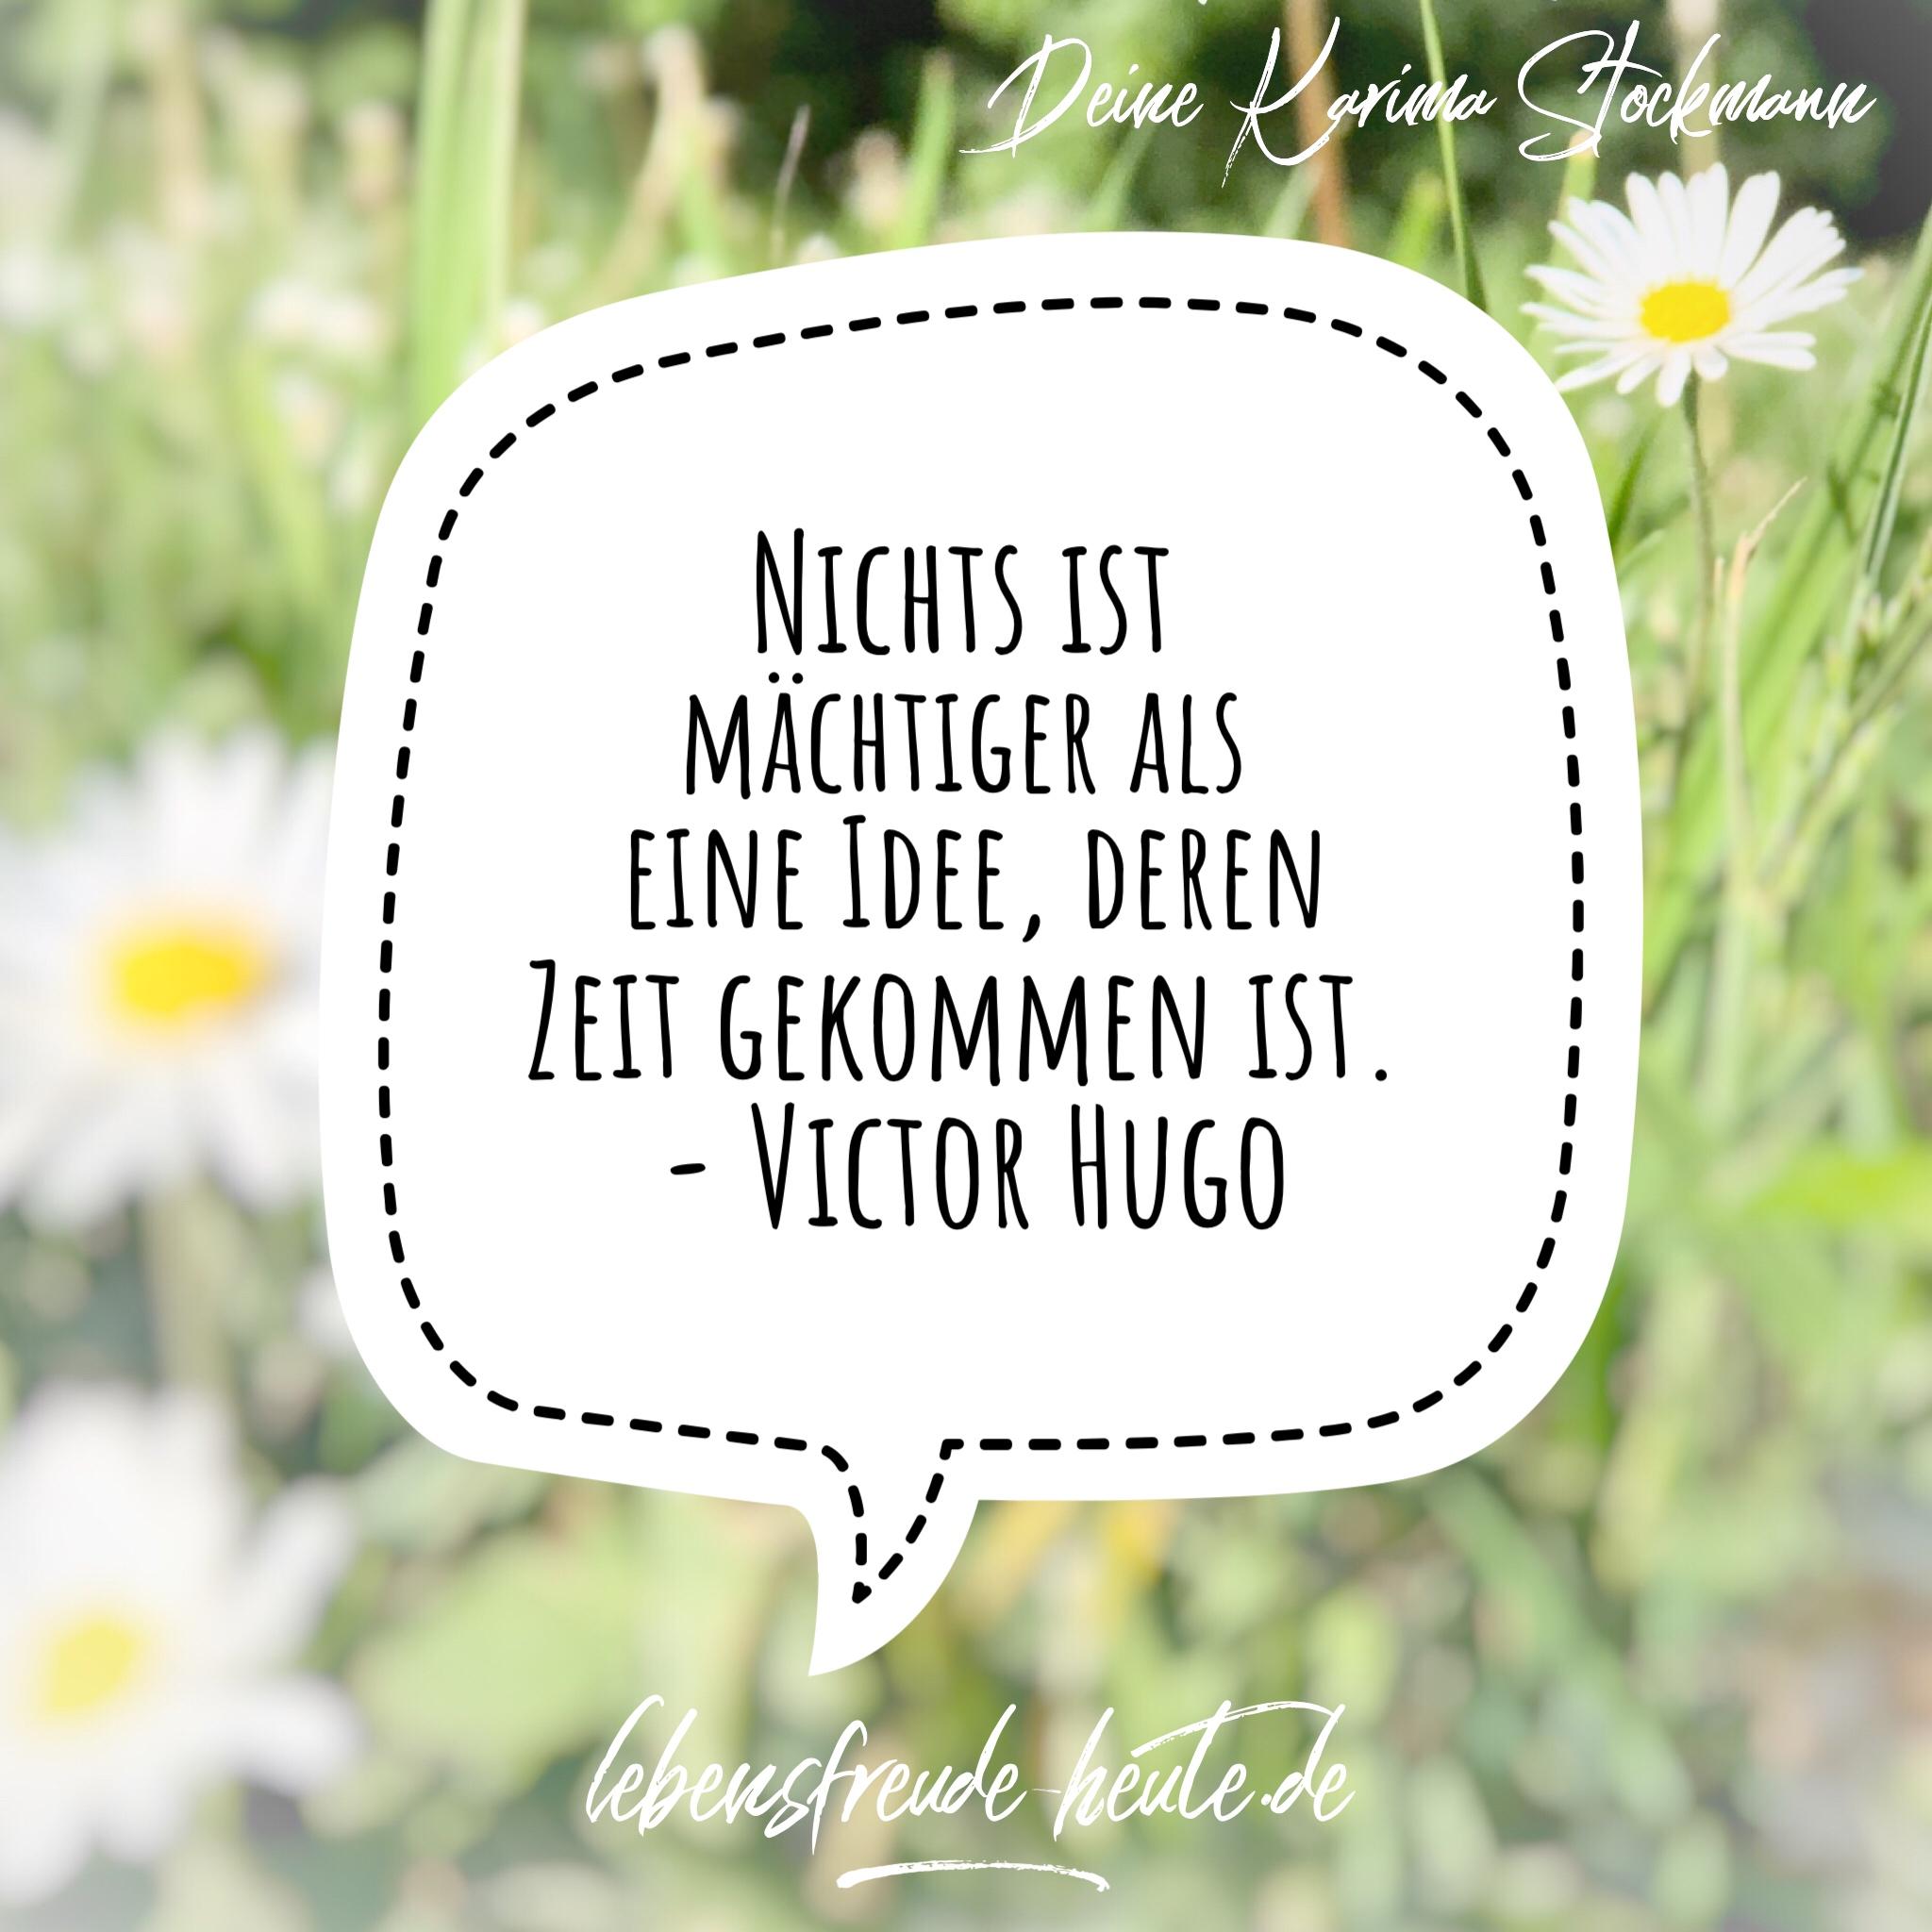 lebensfreude-heute_Karima-Stockmann_Victor-Hugo_Idee